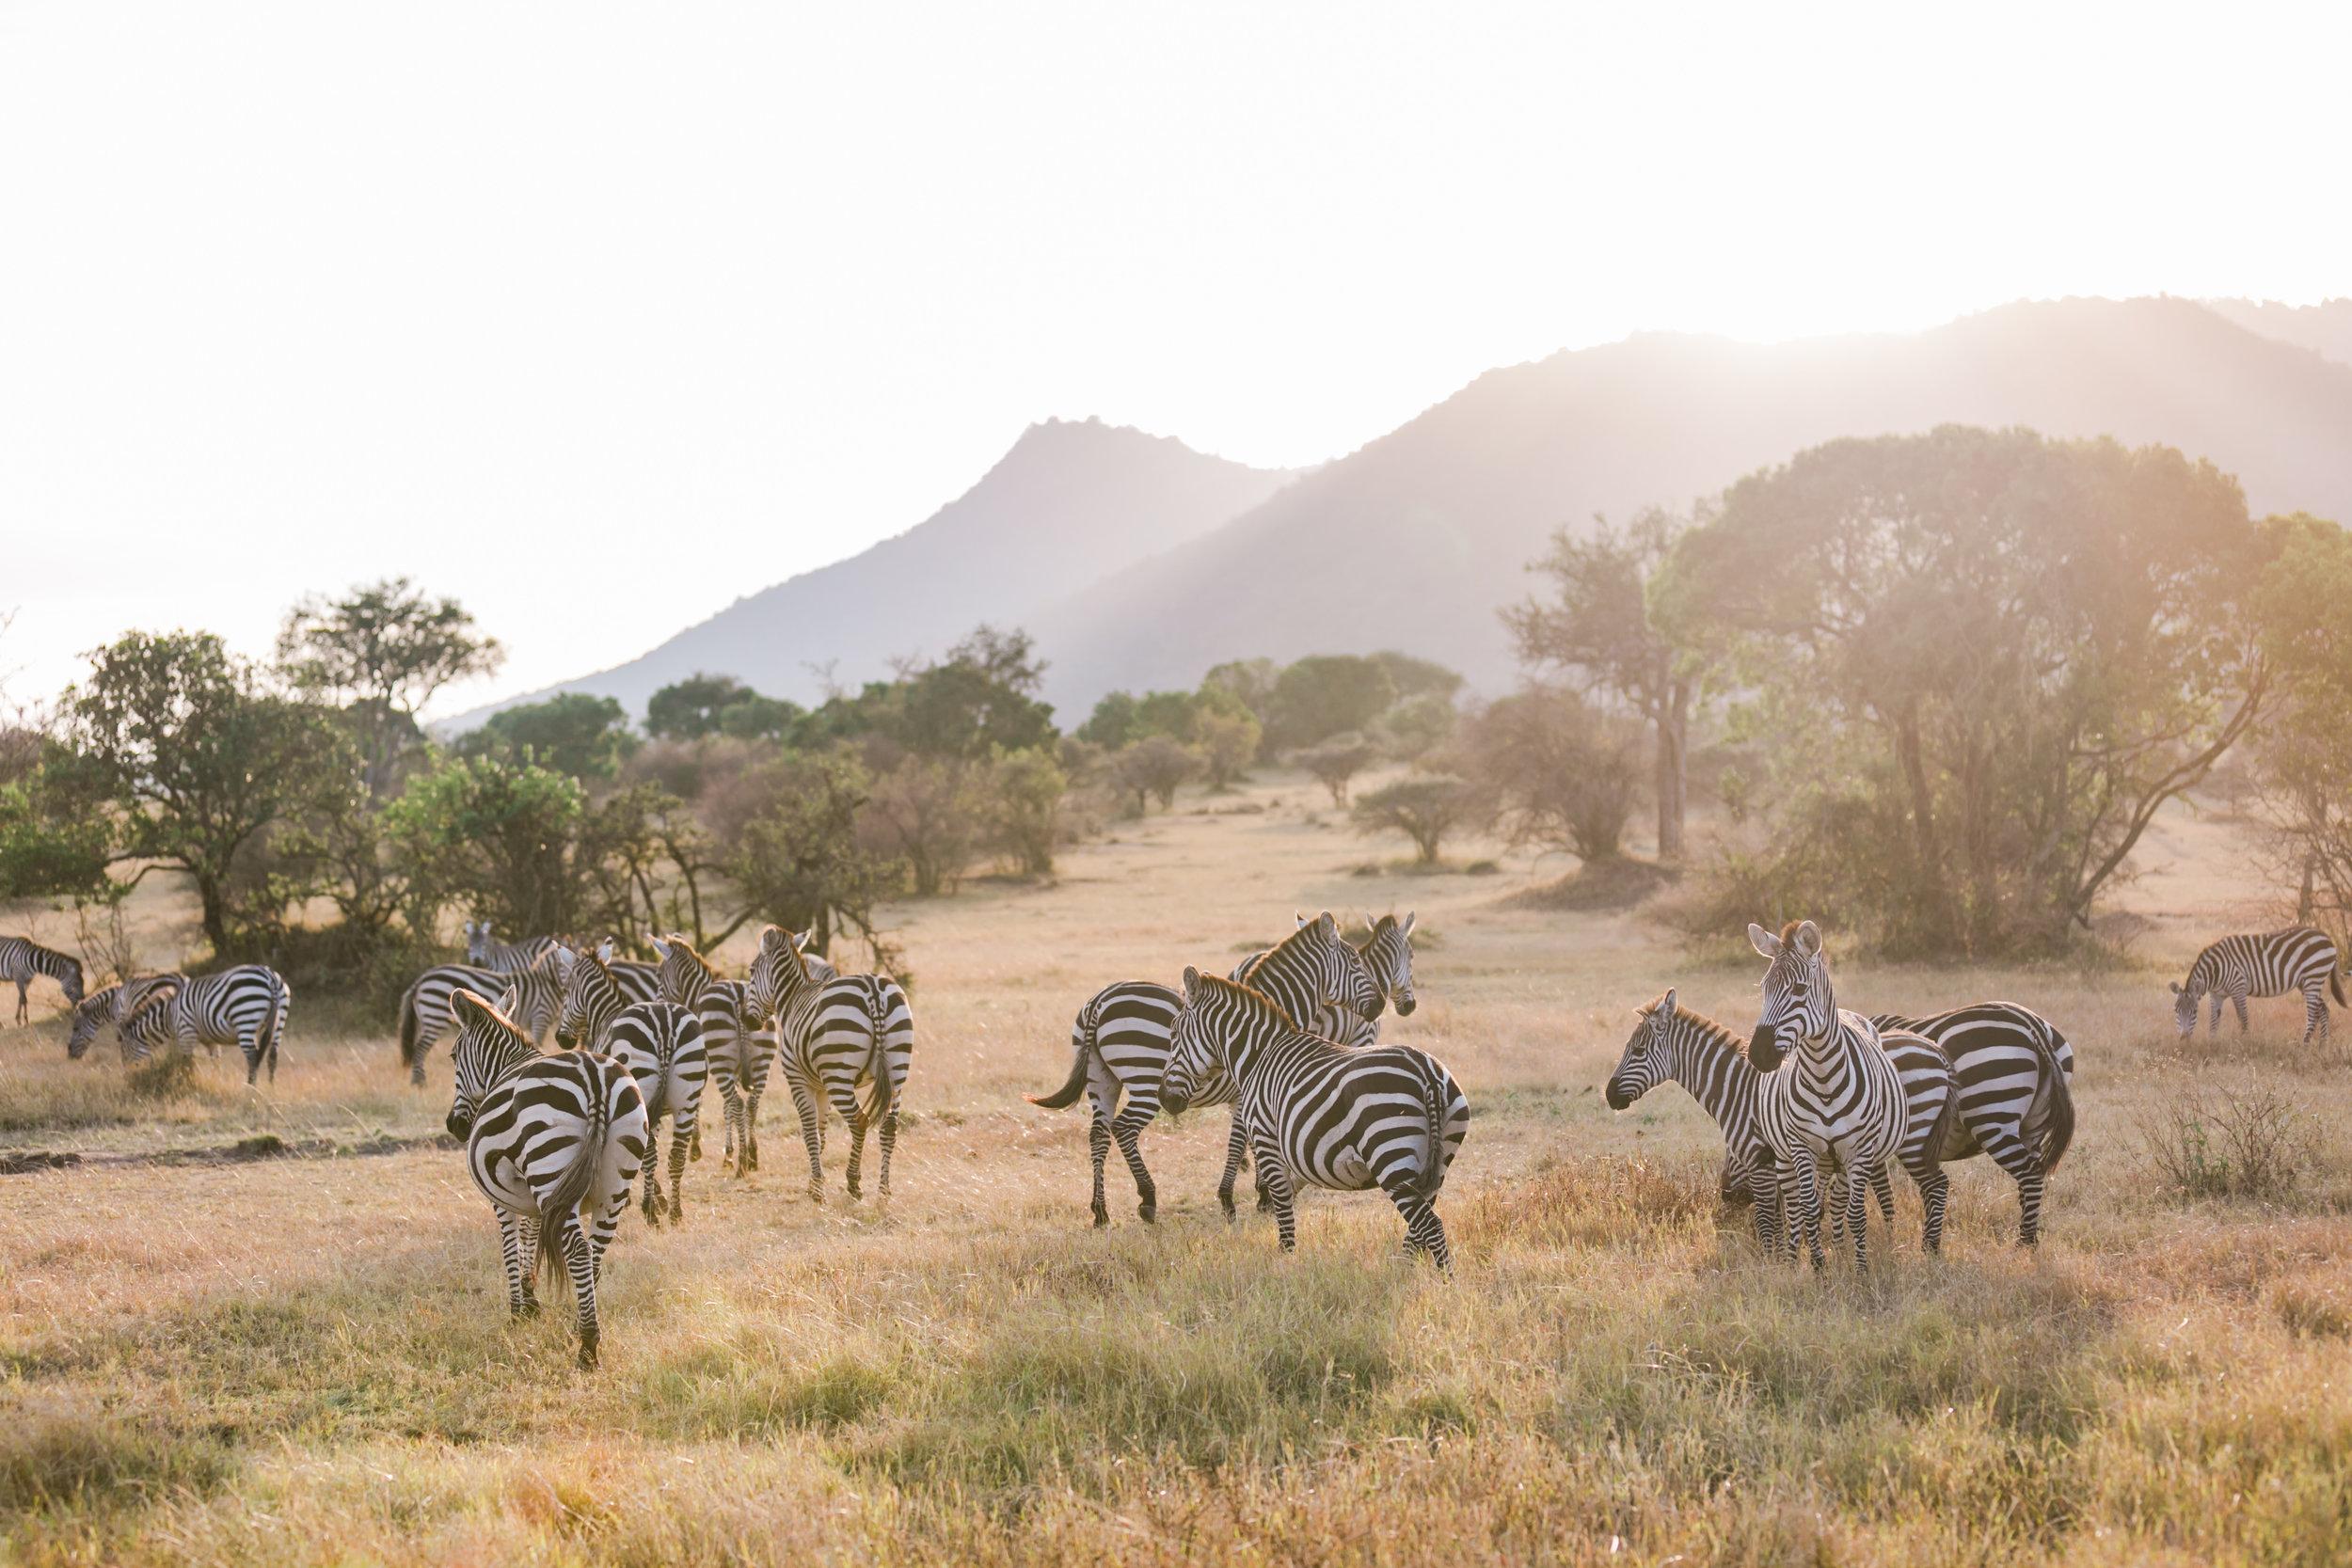 Zebras in Maasai Mara, Kenya Safari Ph. Valorie Darling